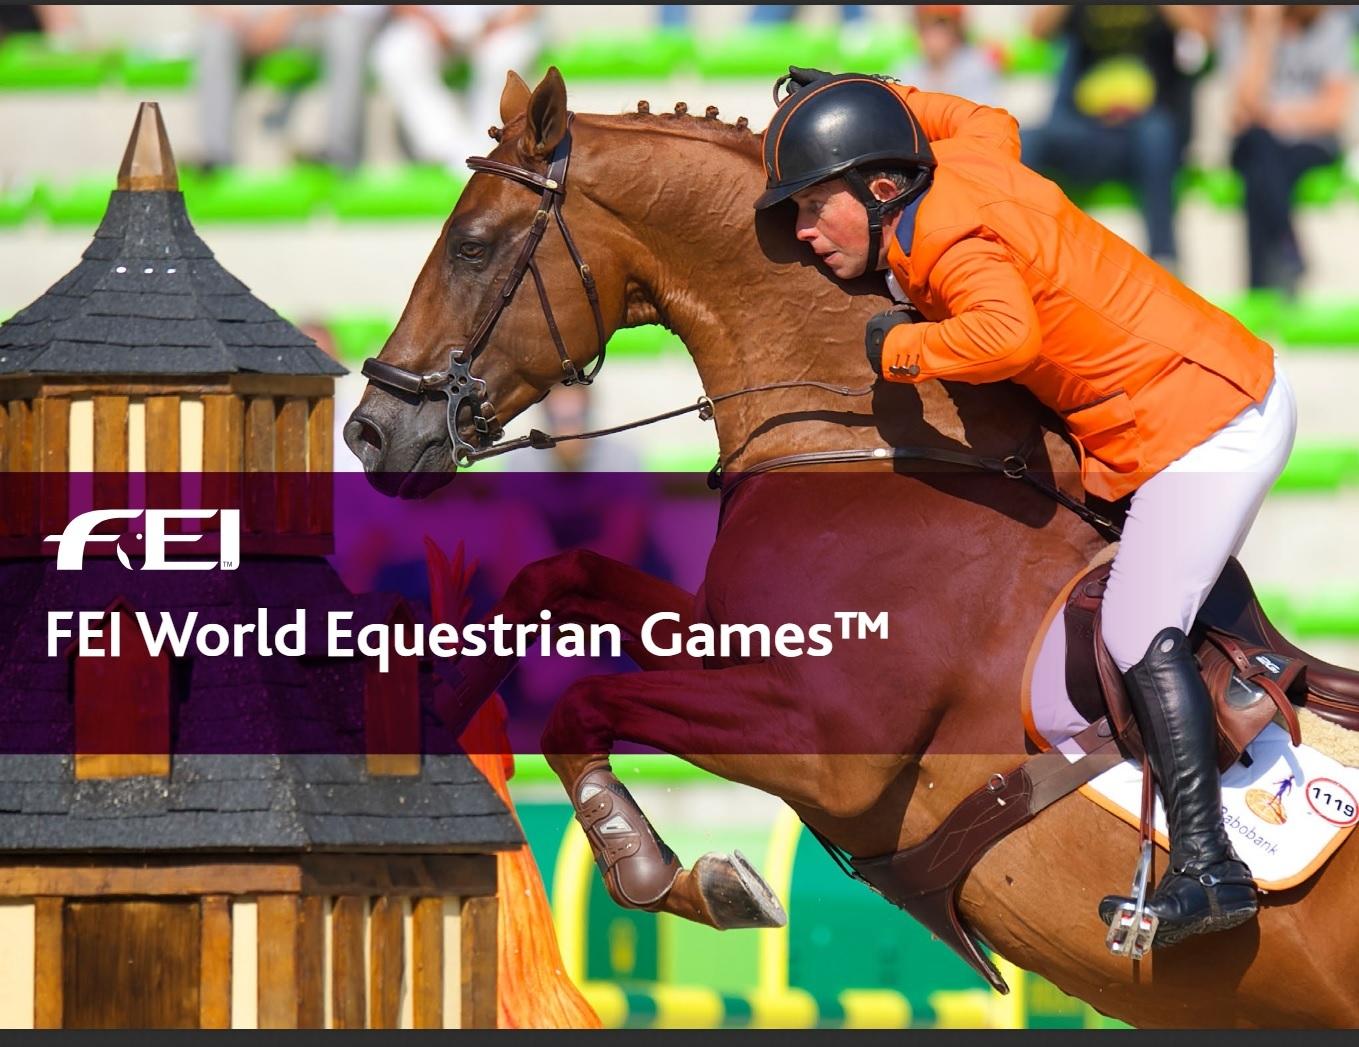 FEI World Equestrian Game